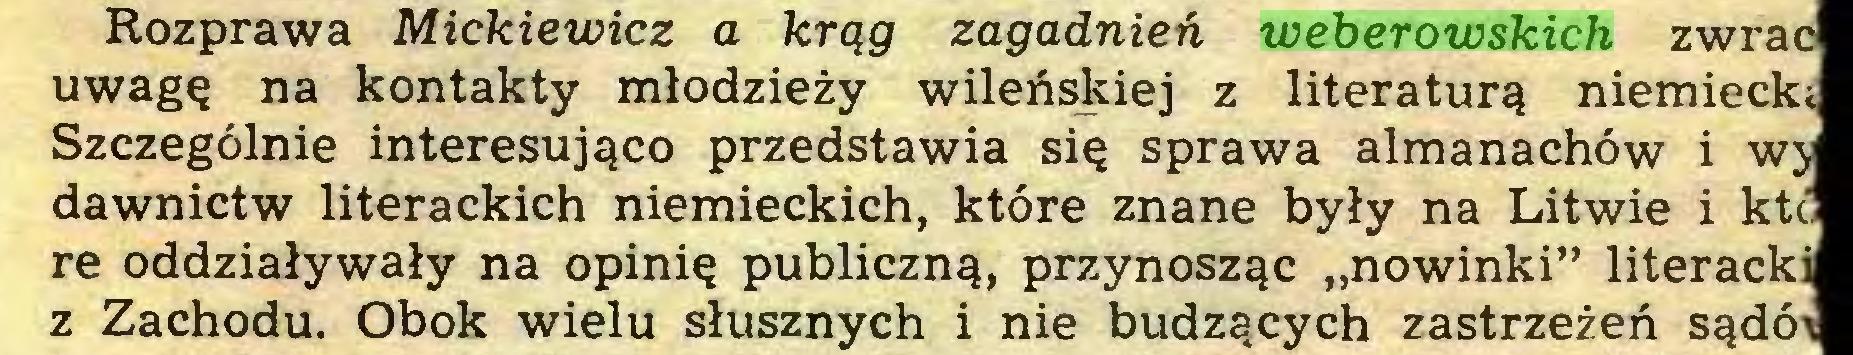 """(...) Rozprawa Mickiewicz a krąg zagadnień weberowskich zwrac uwagę na kontakty młodzieży wileńskiej z literaturą niemiecki Szczególnie interesująco przedstawia się sprawa almanachów i wy dawnictw literackich niemieckich, które znane były na Litwie i ktć re oddziaływały na opinię publiczną, przynosząc """"nowinki"""" literacki z Zachodu. Obok wielu słusznych i nie budzących zastrzeżeń sądói..."""